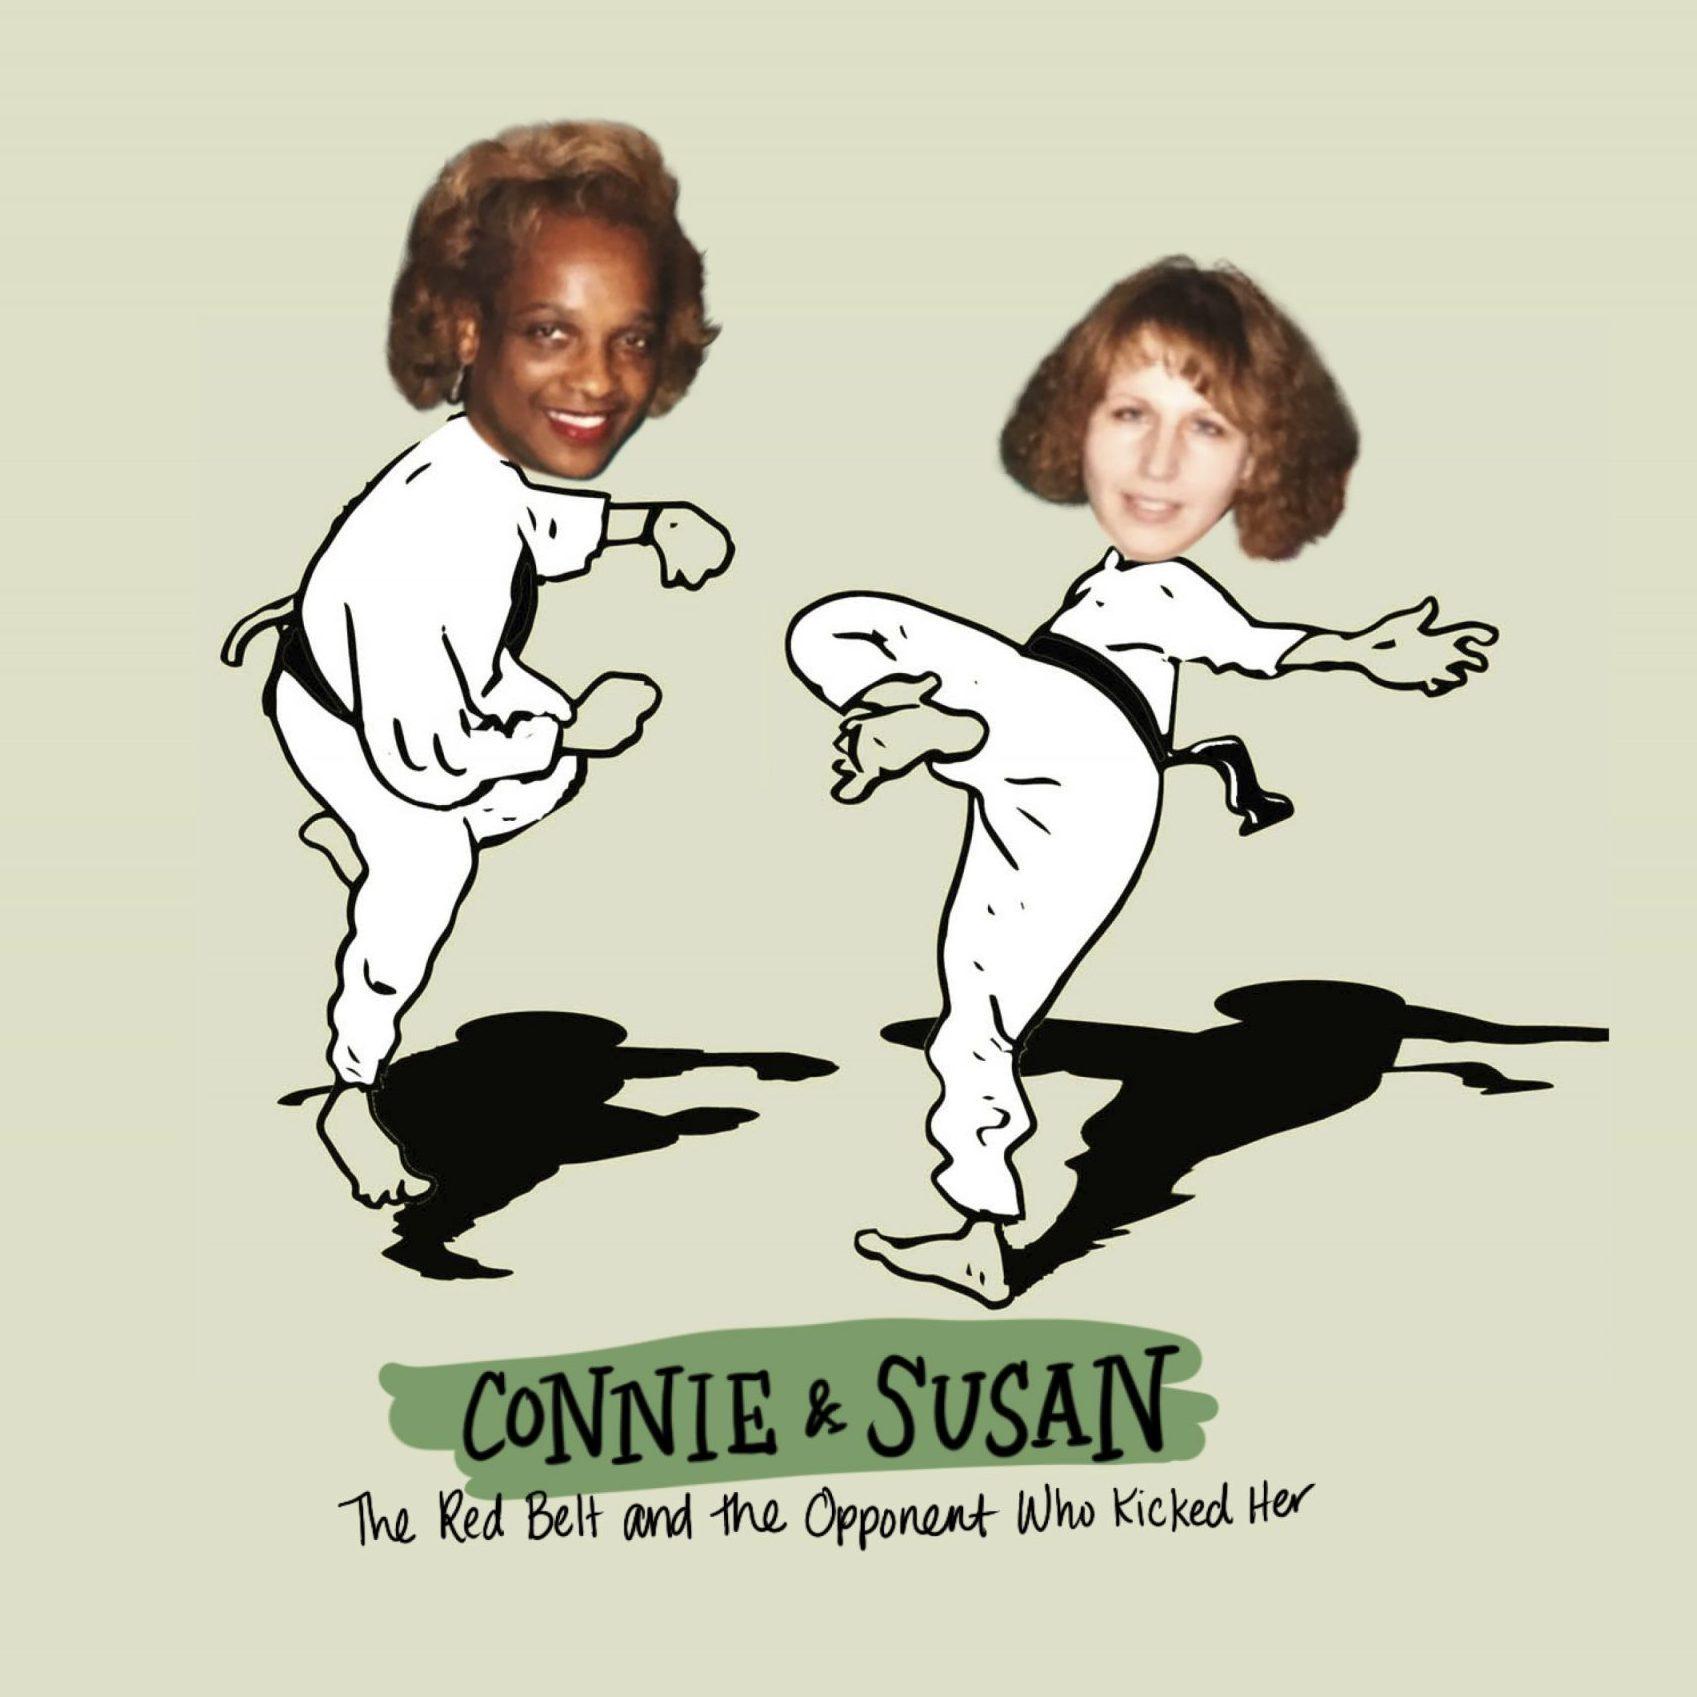 Connie & Susan